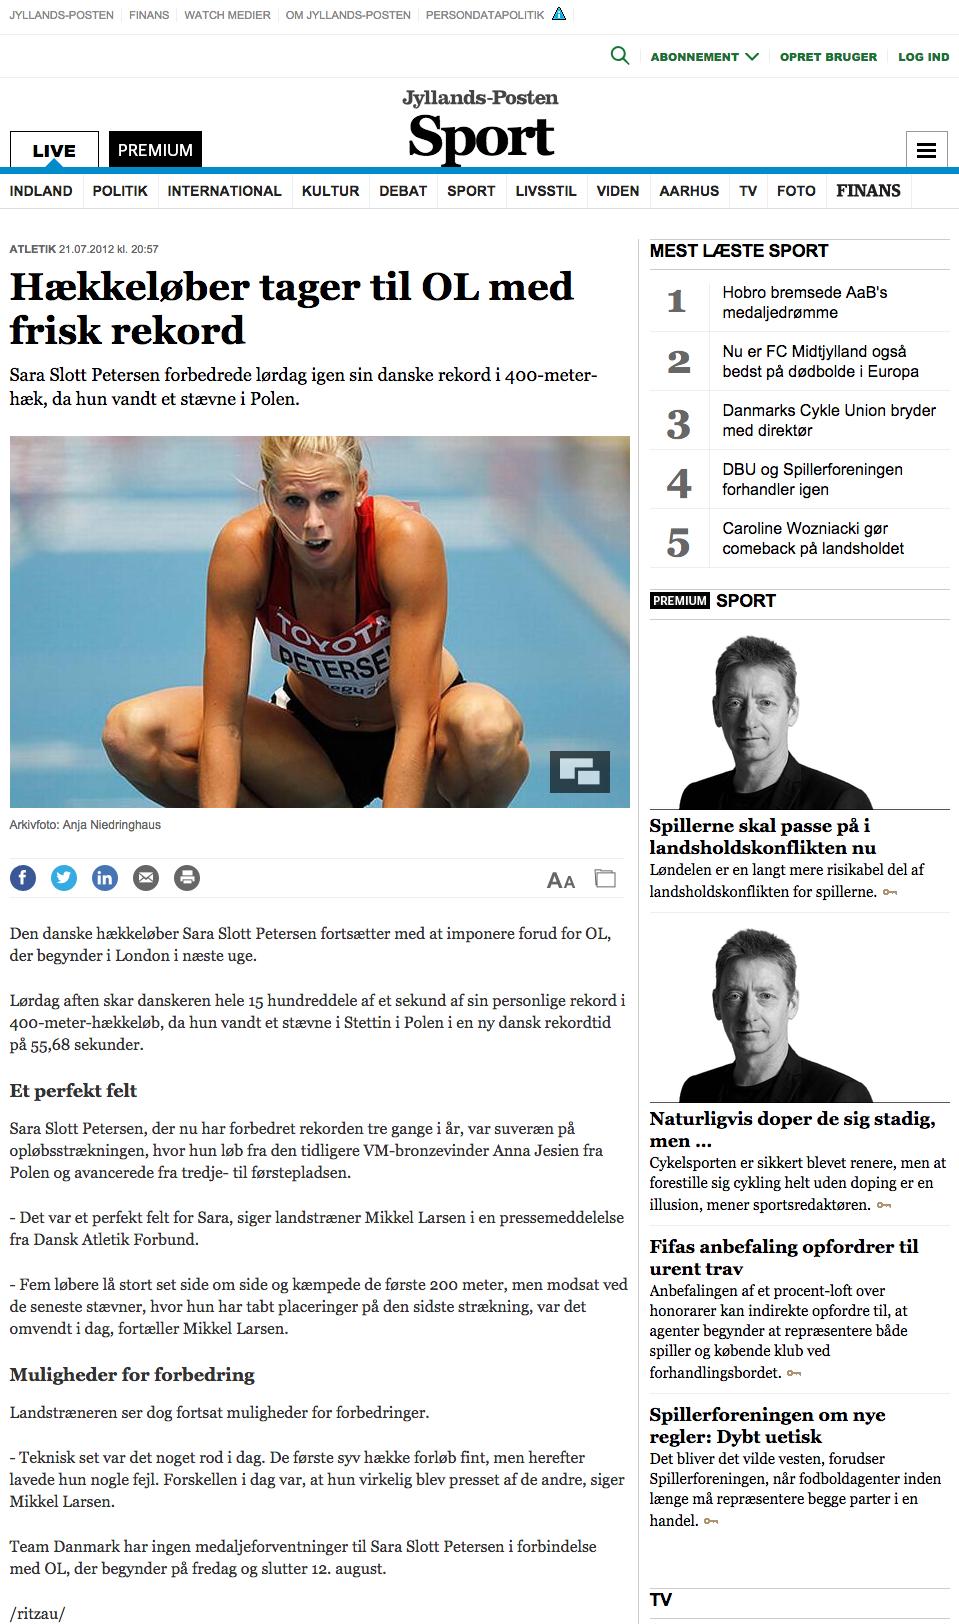 Hækkeløber tager til OL med frisk rekord - Atletik - Anden sport - Sport